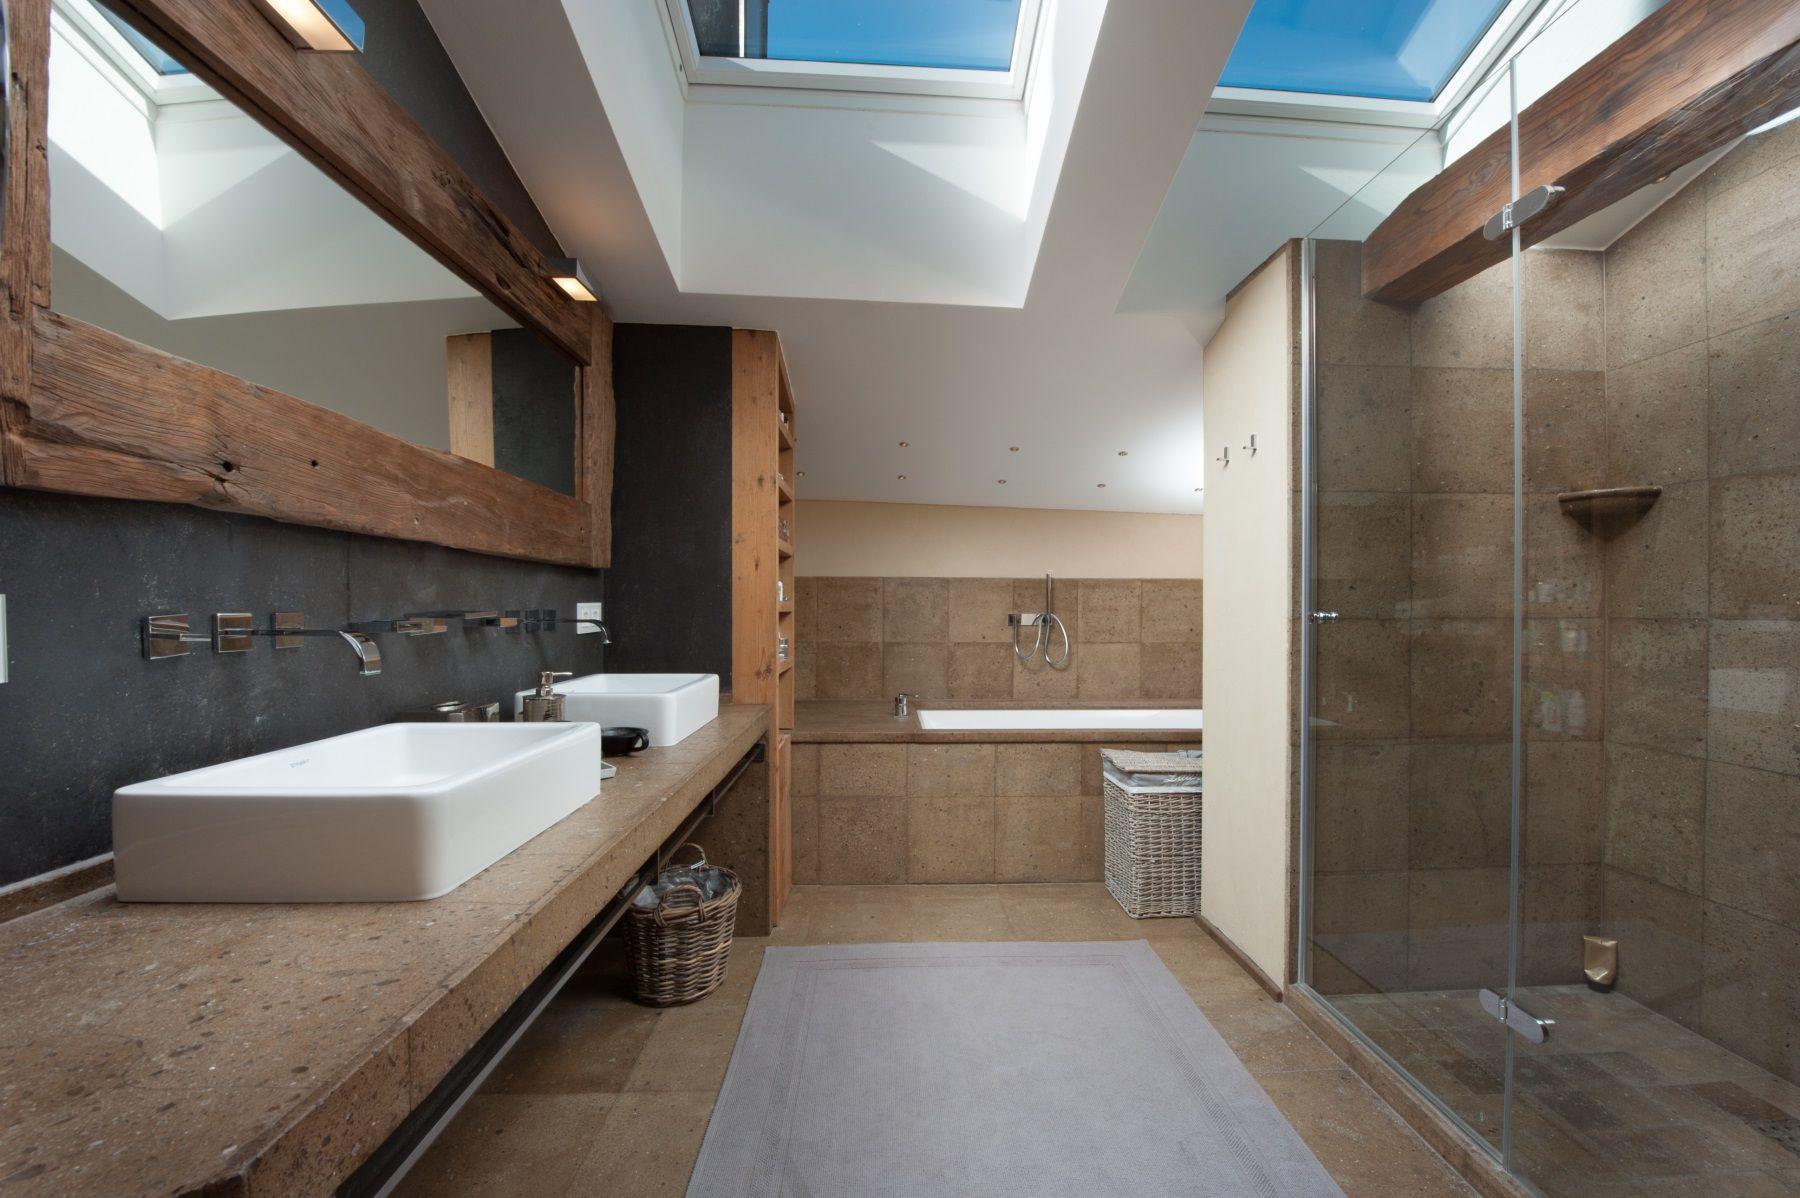 Ludwig badezimmer ~ Immobilien kitzbühel großzügiges badezimmer unter dem dach von